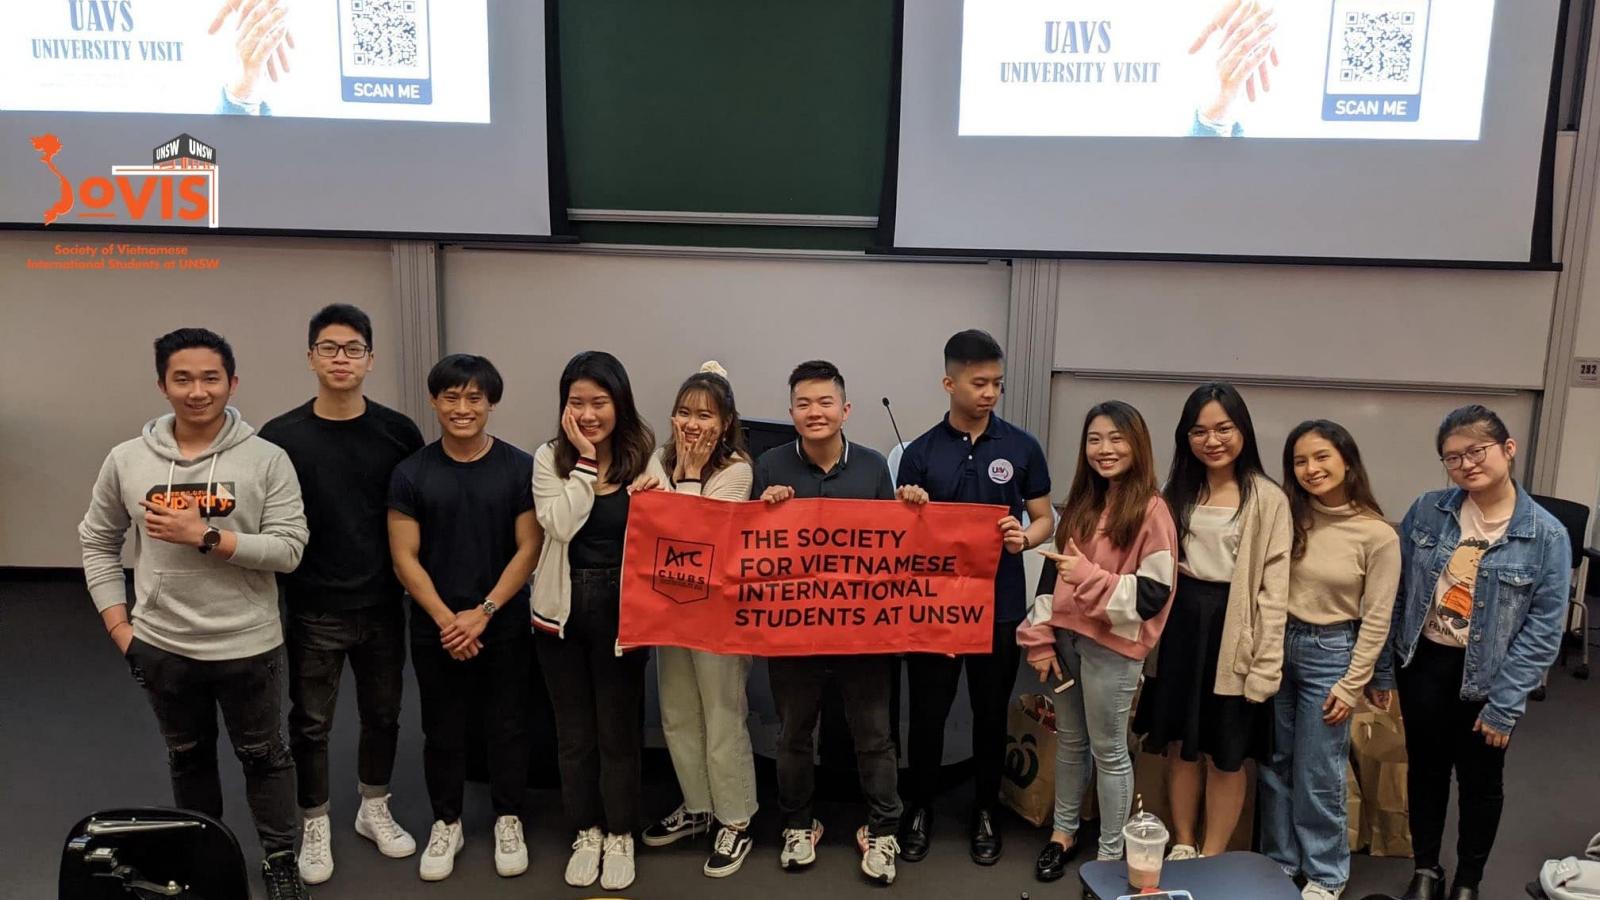 Sinh viên Việt Nam tại Australia giúp đỡ nhau trong mùa dịch